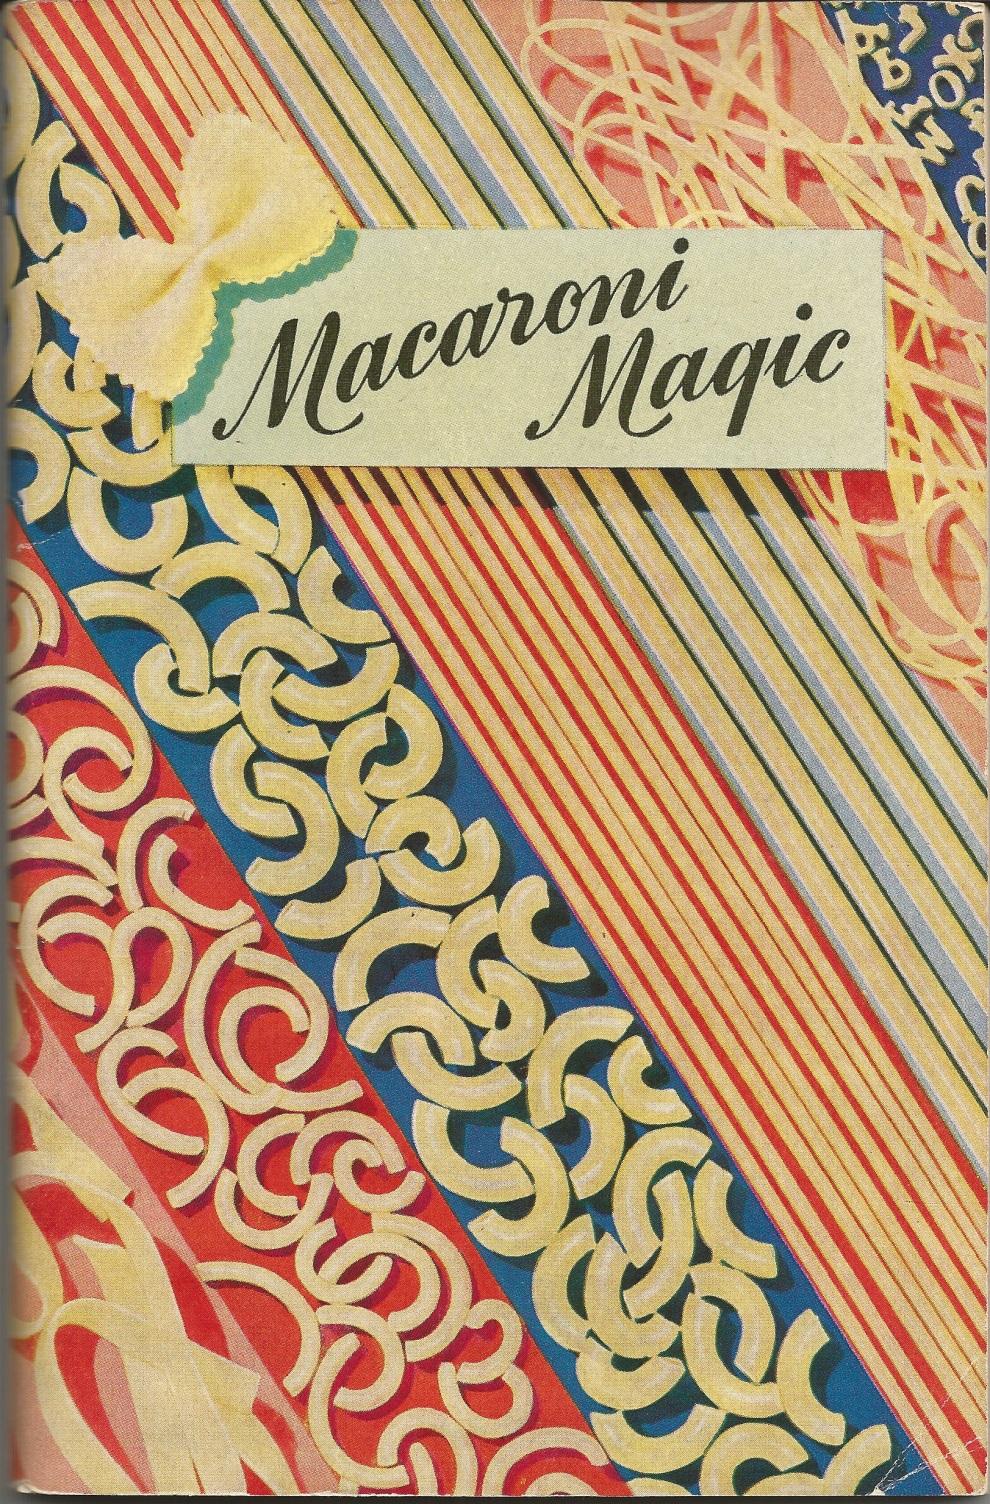 macaroni magic